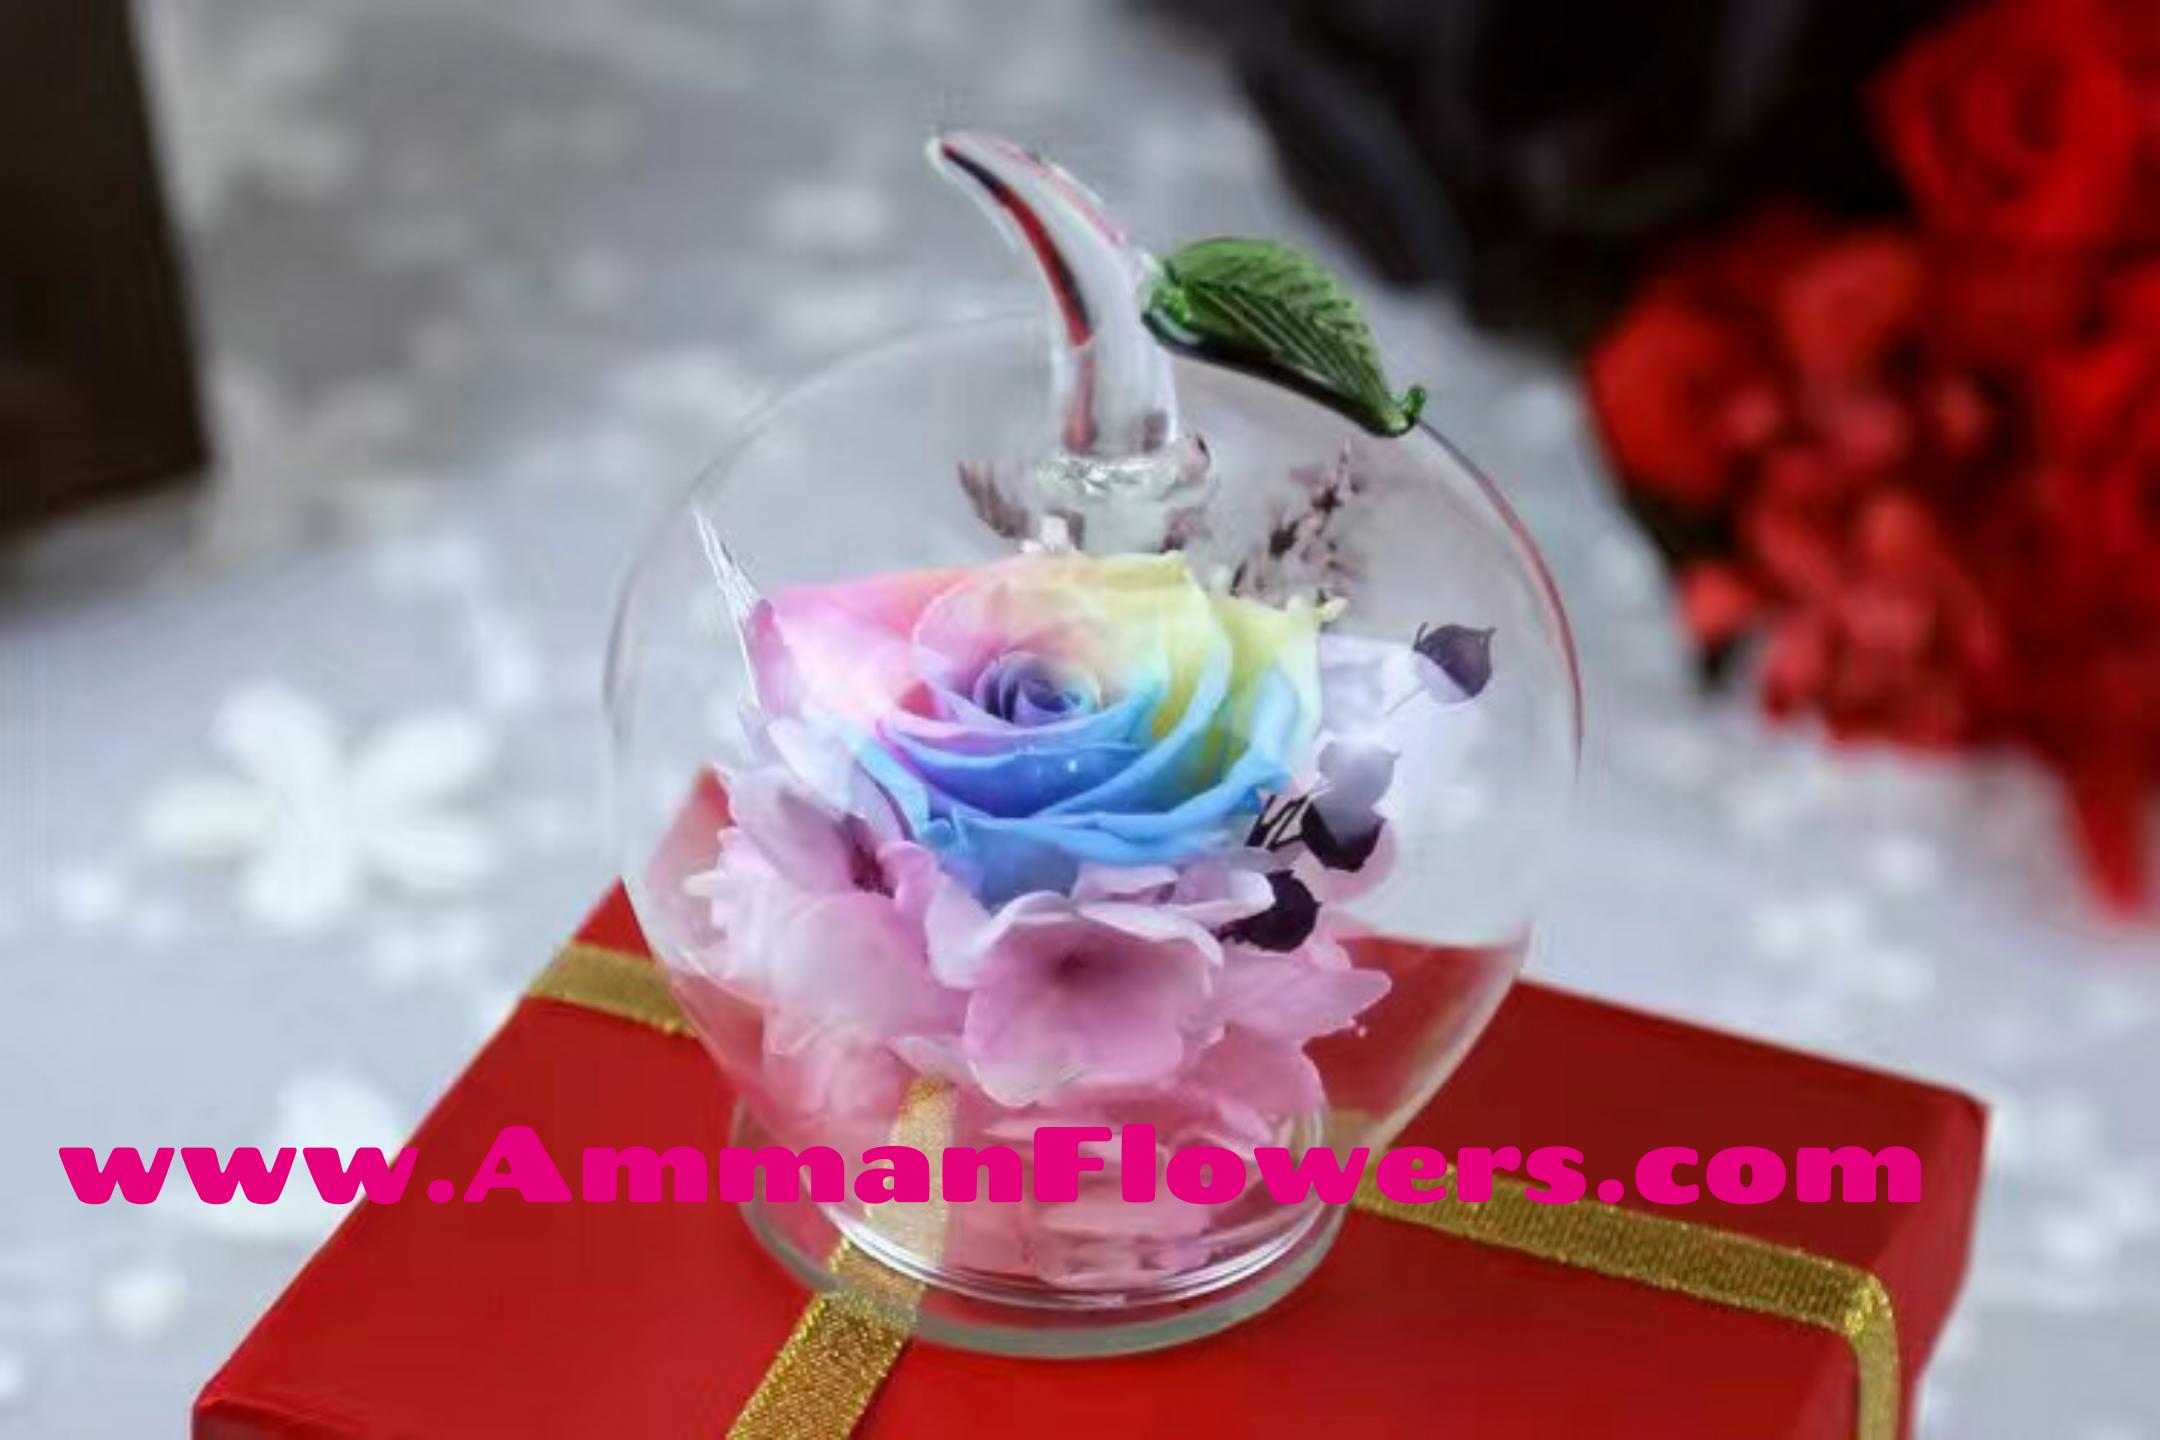 جديد 2017 ارسل أجمل الورود الطبيعية الدائمة الى الأحبة في الأردن توصيل مجاني داخل عمان لجميع مناسبات الحب والزواج و الأعراس اطلب مب Desserts Icing Food